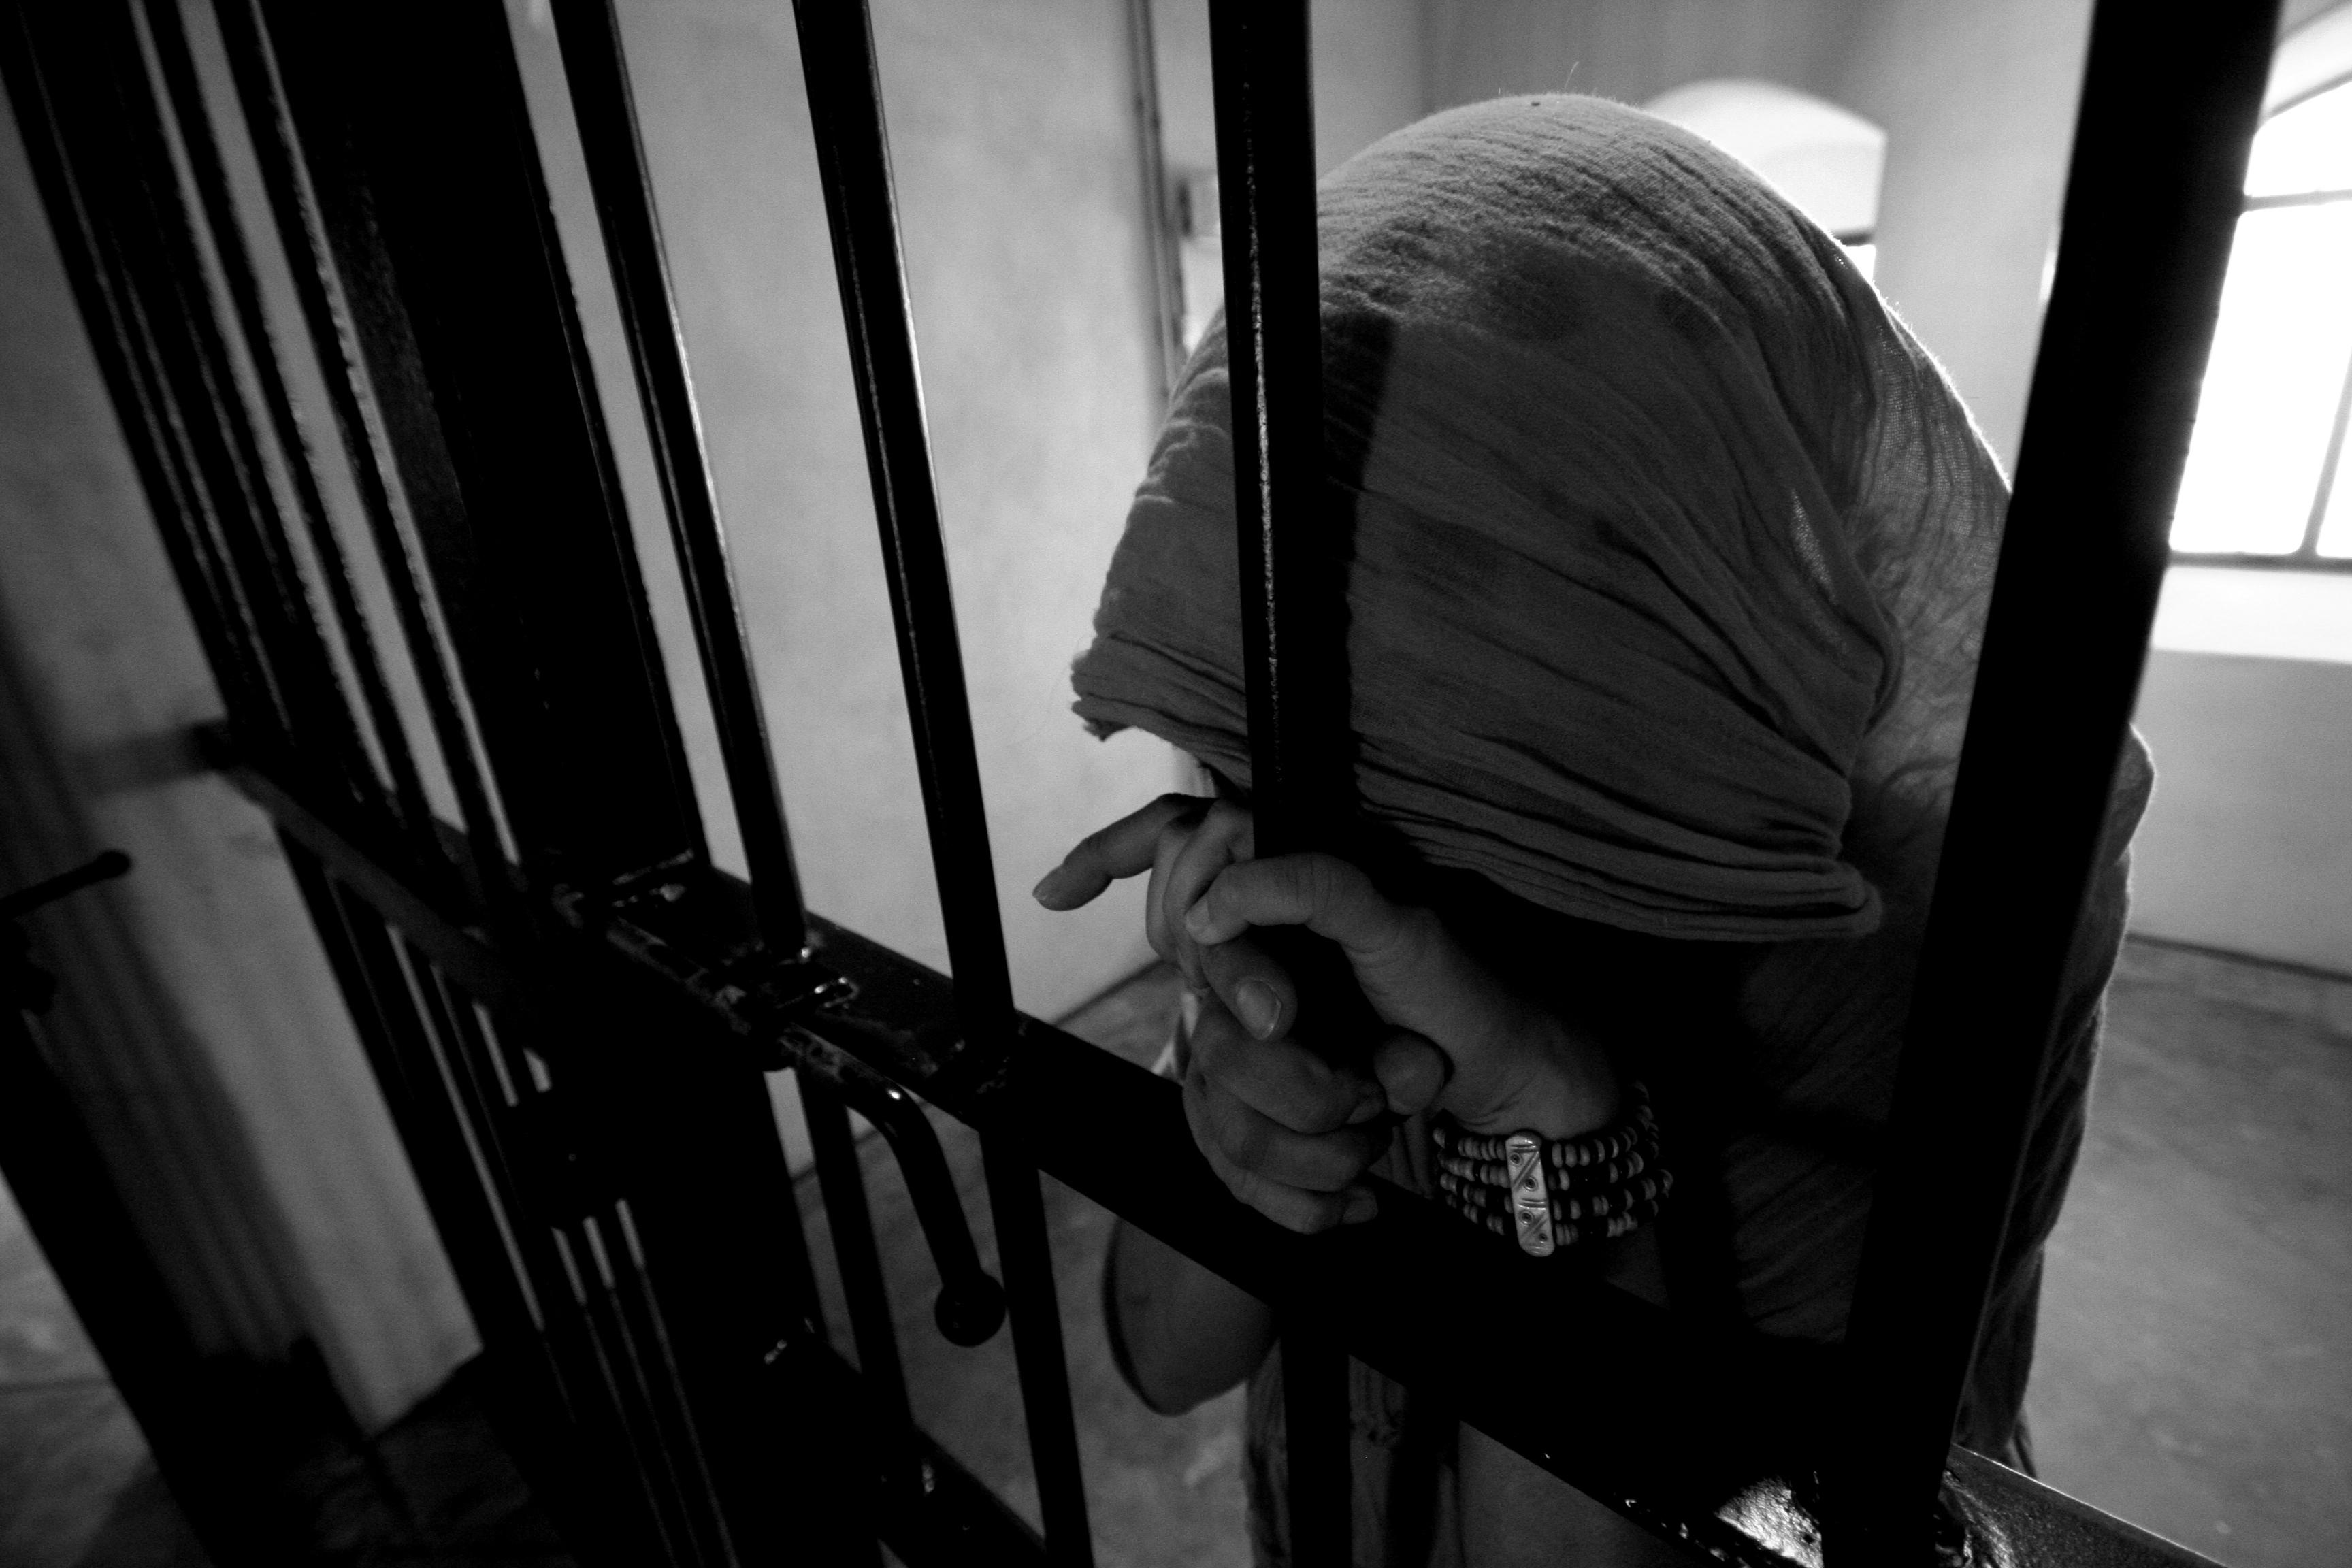 """قبل دخول رمضان  ..  من يطرق باب هذه السيدة المهددة بالسجن وضياع صغارها   ..  """"تفاصيل"""""""